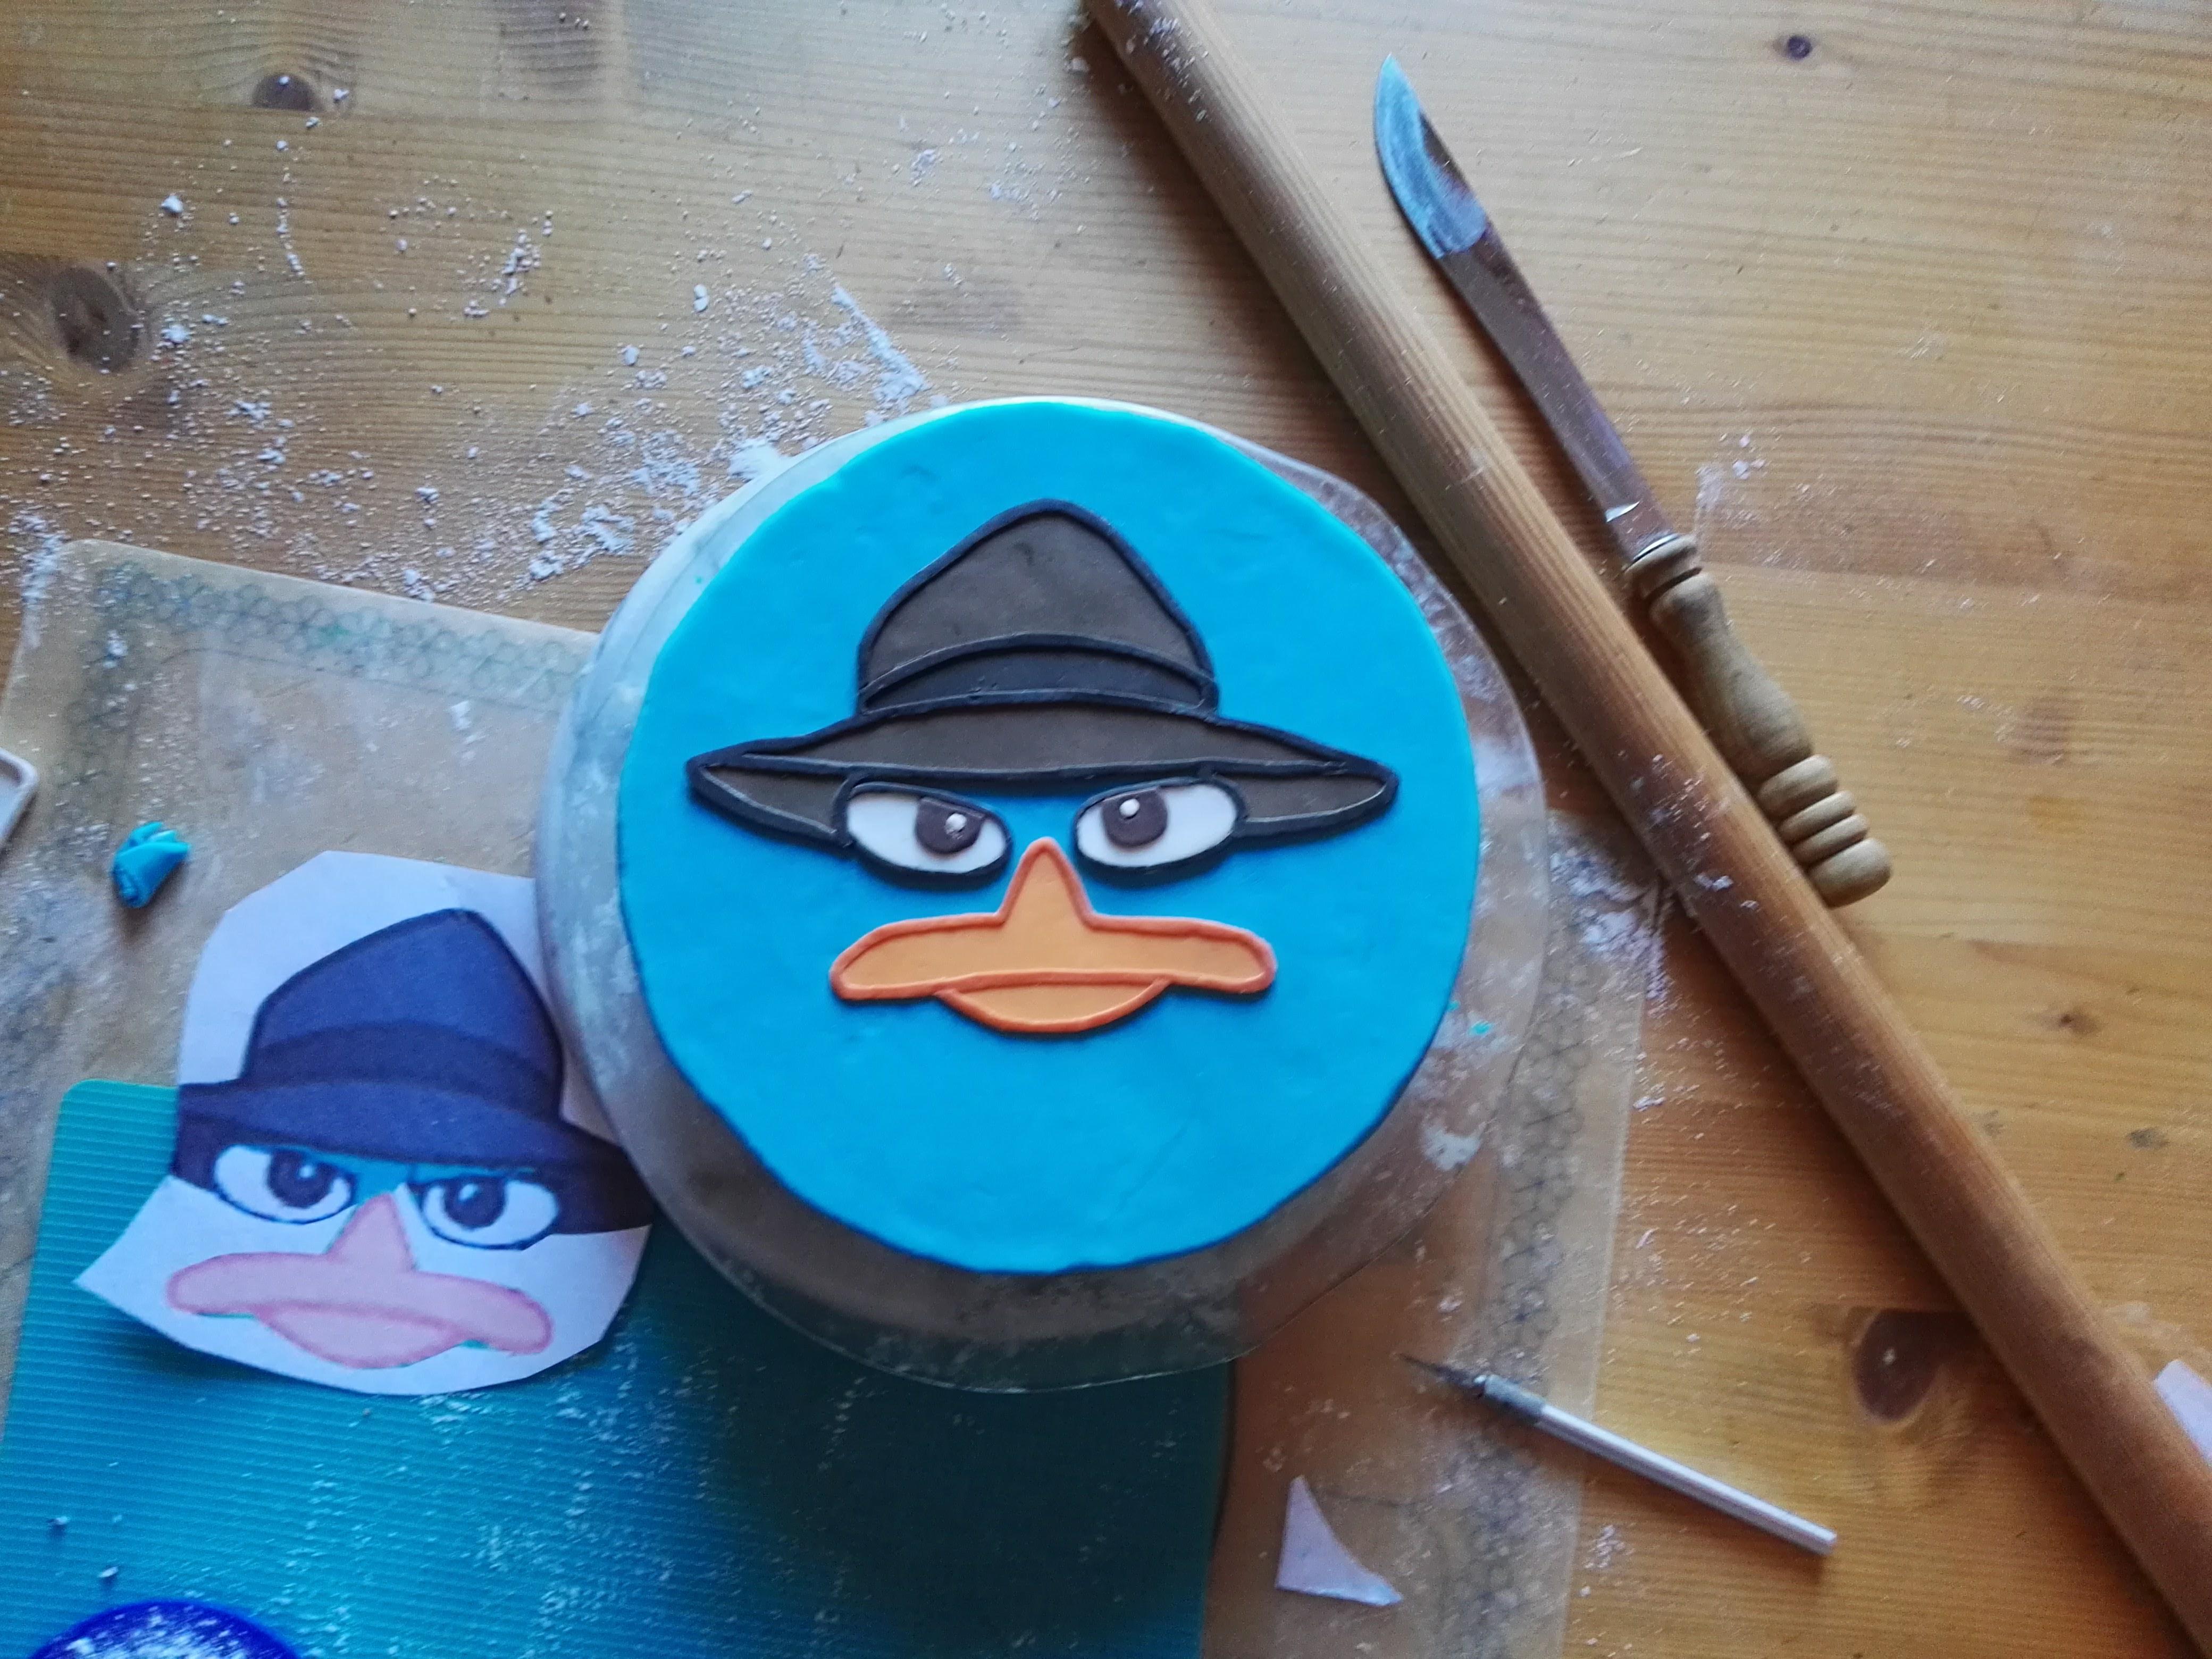 Phineas und Ferb werfen eine Party zum 9. Geburtstag - MoMenteSChenKEr